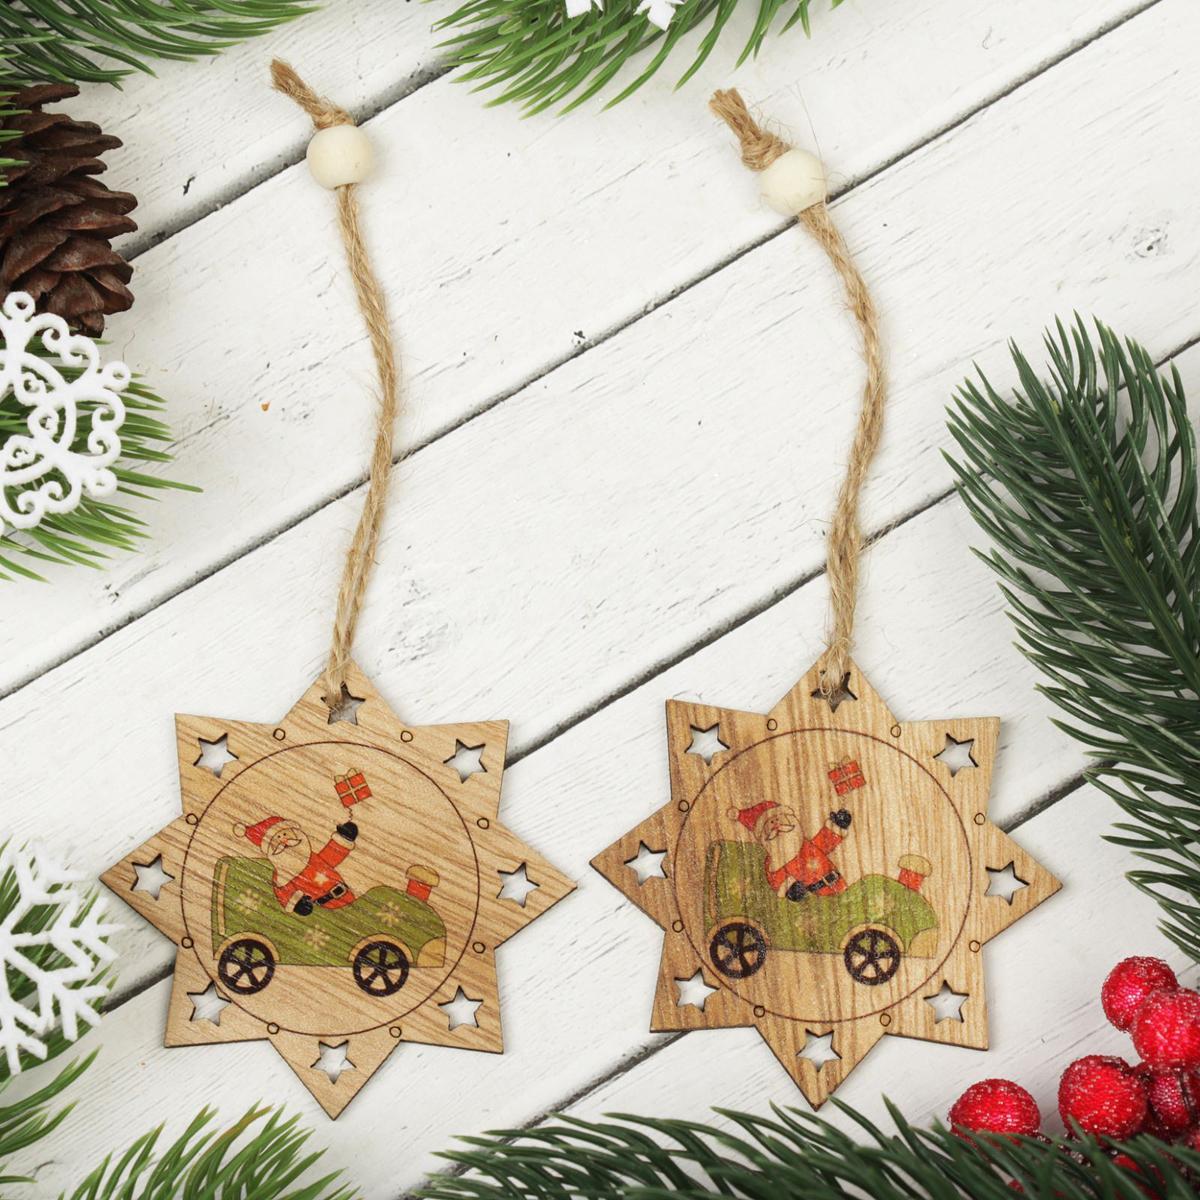 Украшение новогоднее подвесное К нам едет Дед Мороз, 2 шт2303272Набор новогодних подвесных украшений, выполненных из дерева, отлично подойдет для декорации вашего дома и новогодней ели. С помощью специальной петельки украшение можно повесить в любом понравившемся вам месте. Но, конечно, удачнее всего оно будет смотреться на праздничной елке.Елочная игрушка - символ Нового года. Она несет в себе волшебство и красоту праздника. Такое украшение создаст в вашем доме атмосферу праздника, веселья и радости.В комплекте 2 украшения.